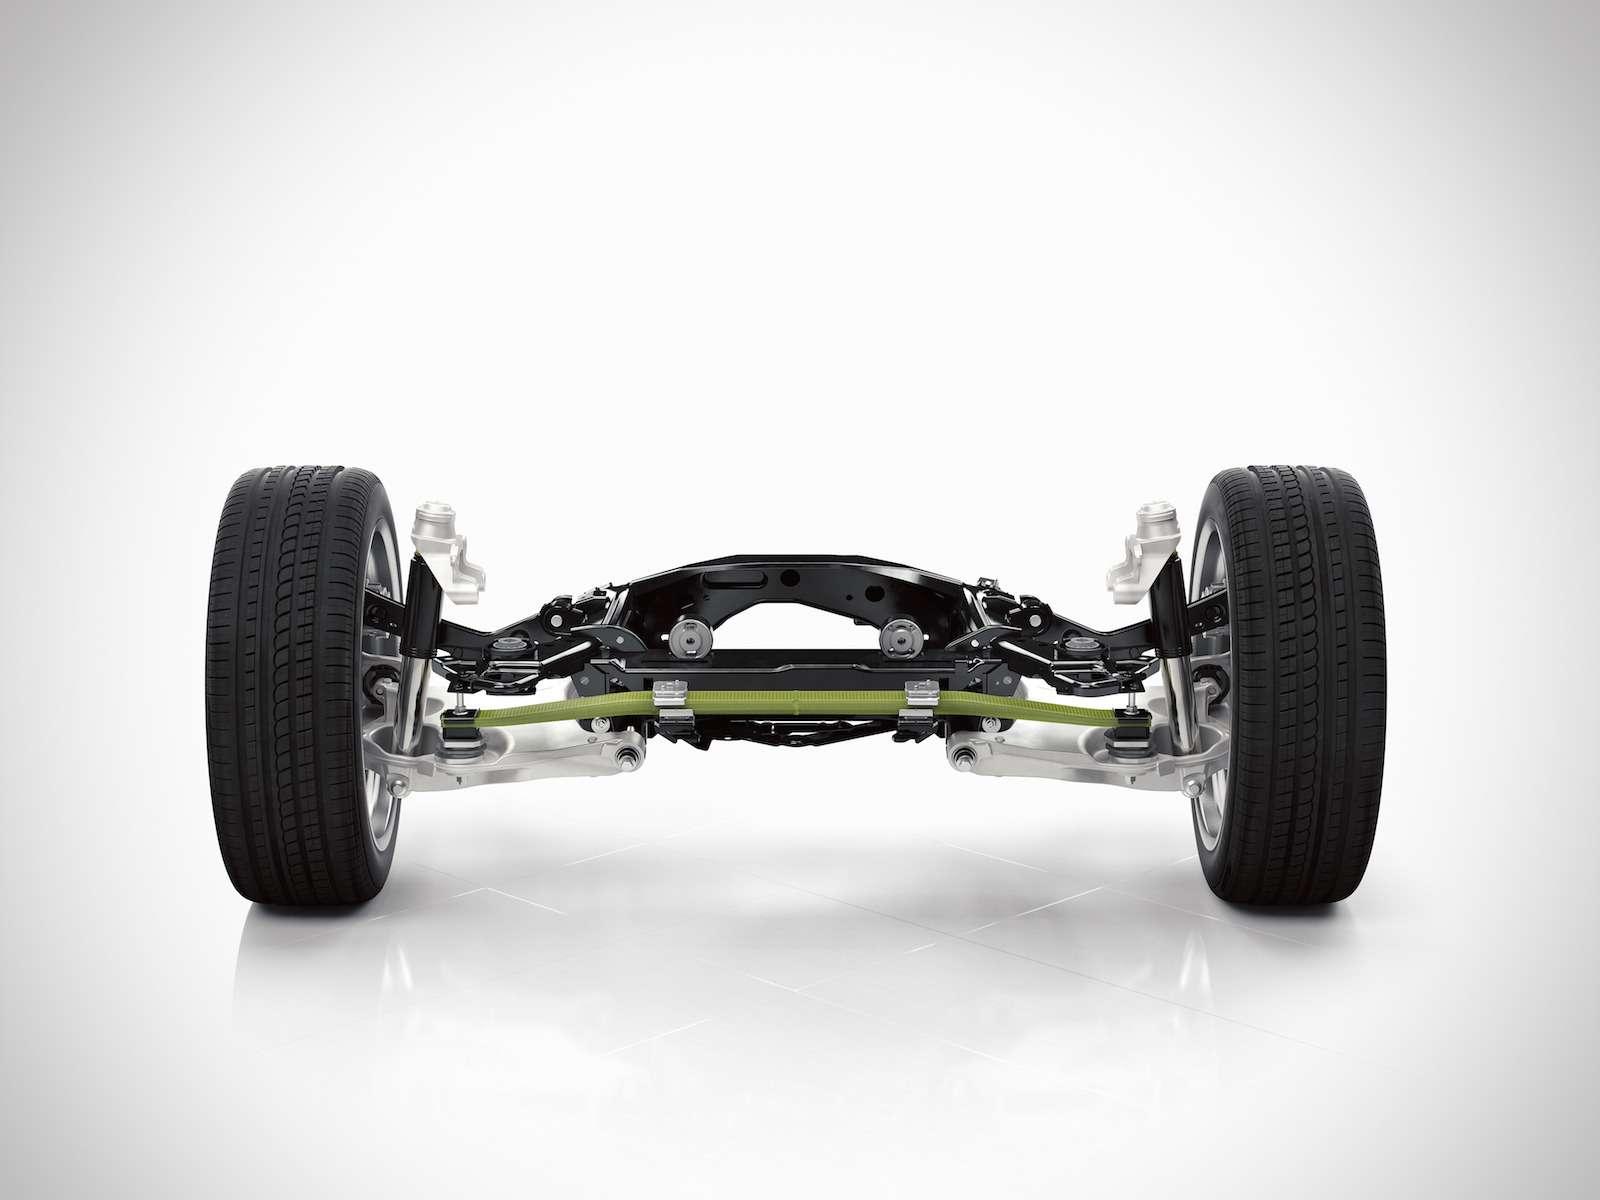 125Rear suspension